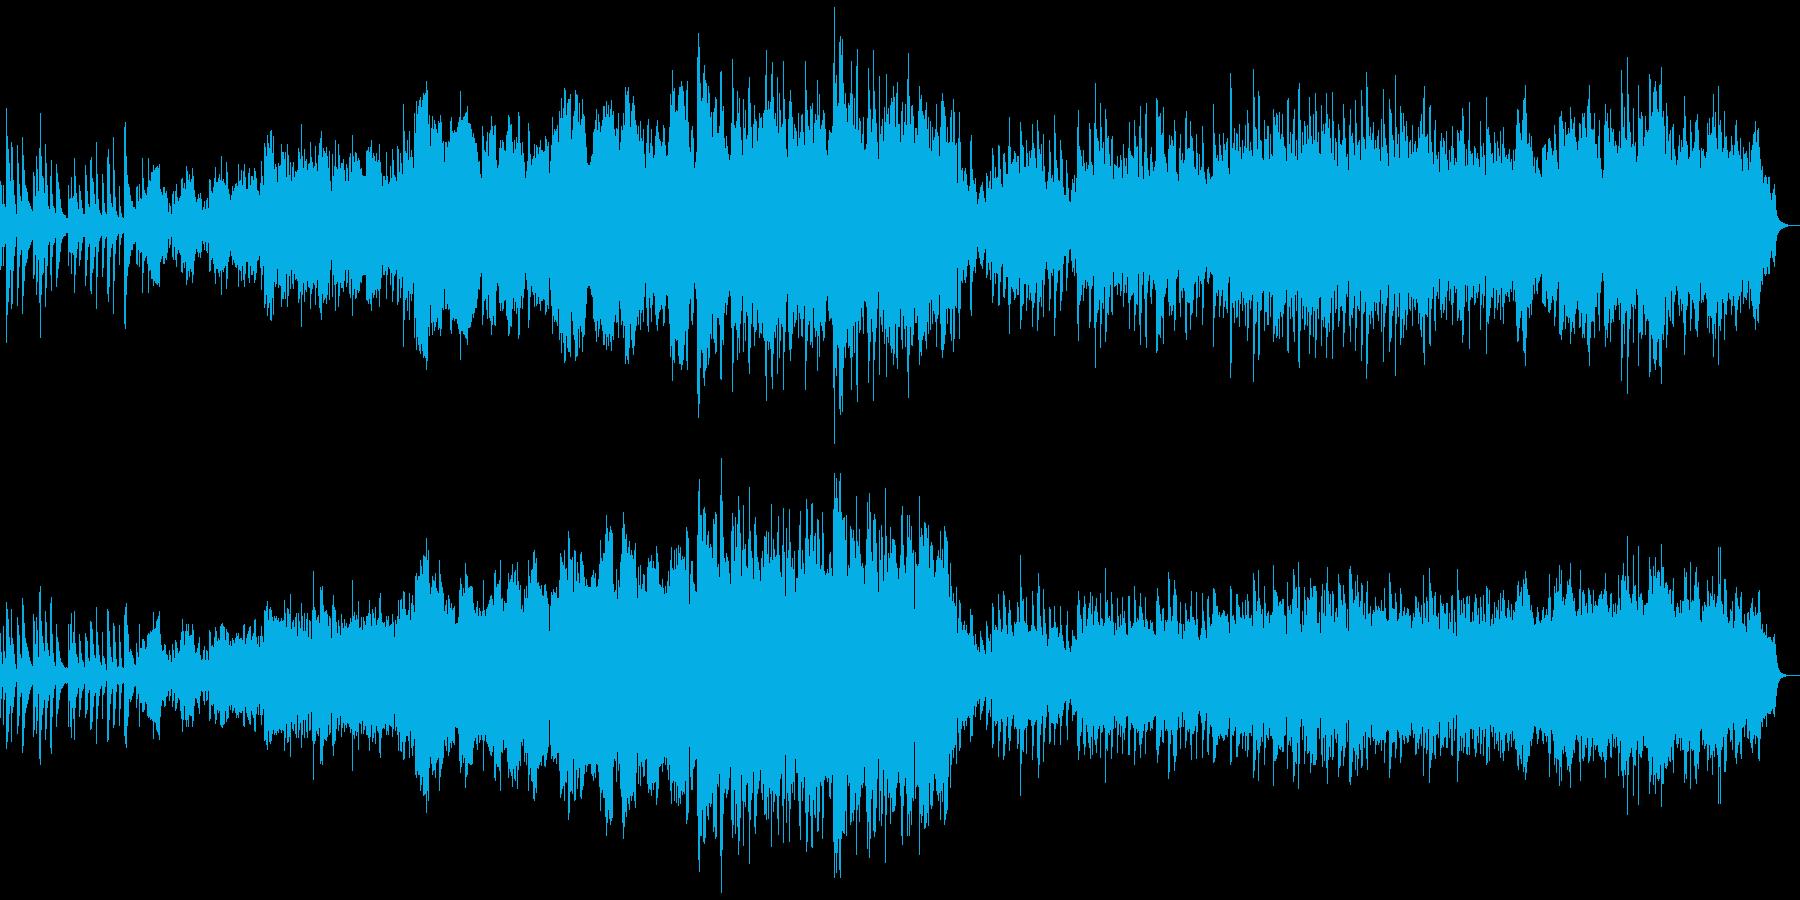 ピアノとオーケストラの柔らか~切ない曲の再生済みの波形